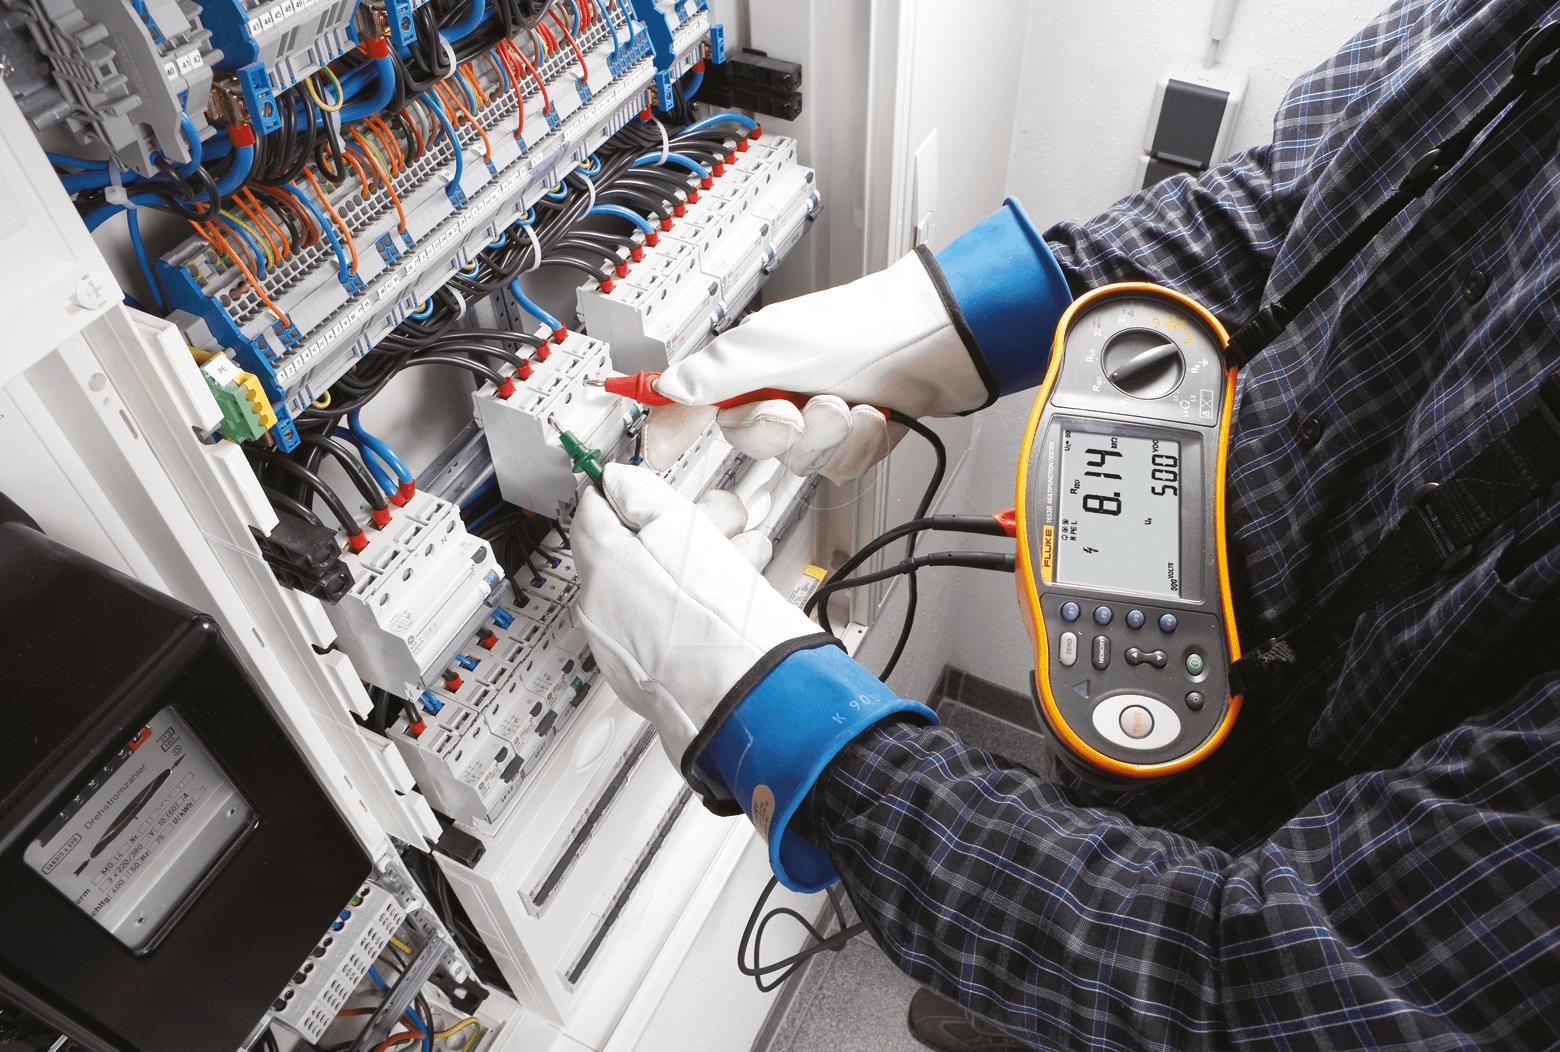 Сопротивление изоляции электрооборудования и электрических сетей